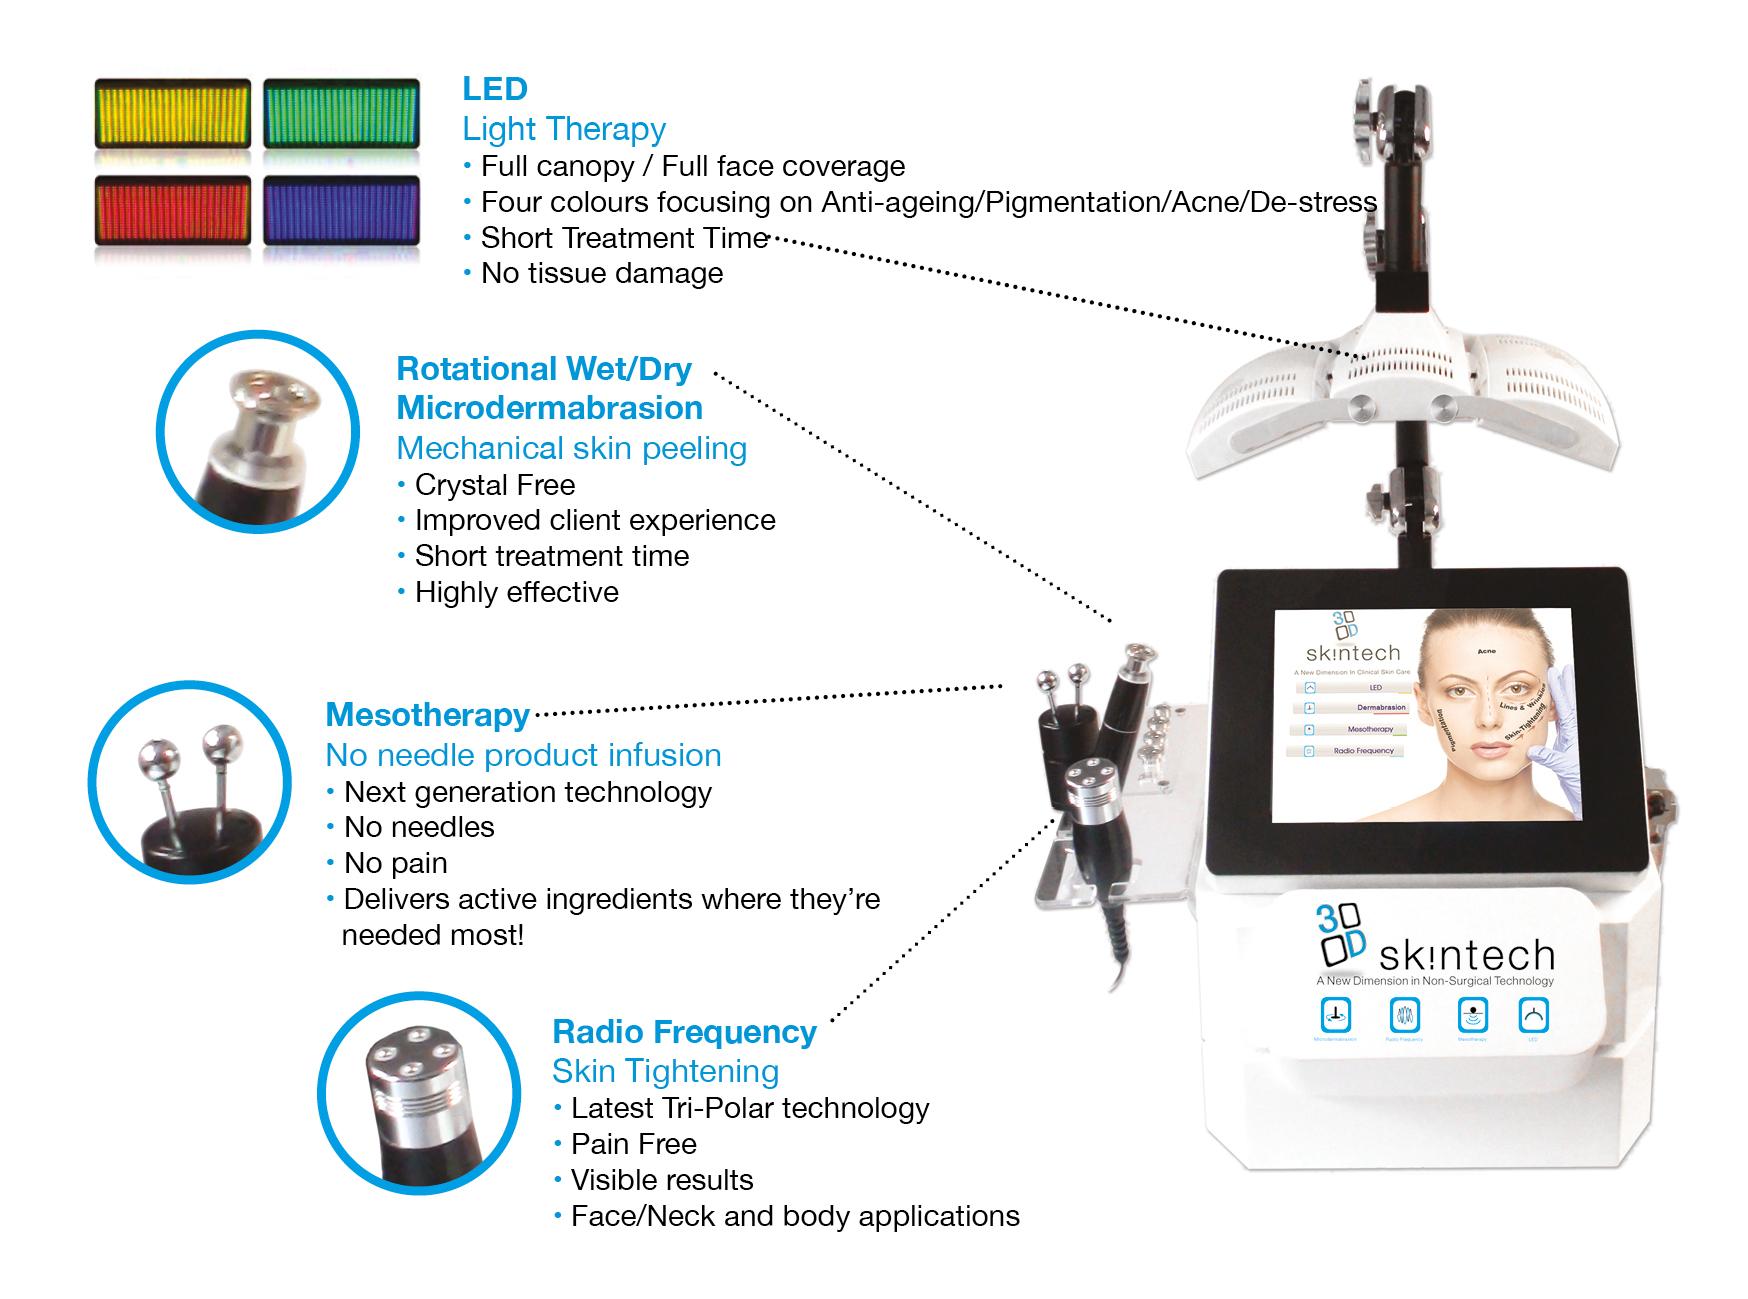 Skintech-The-Technologies.jpg